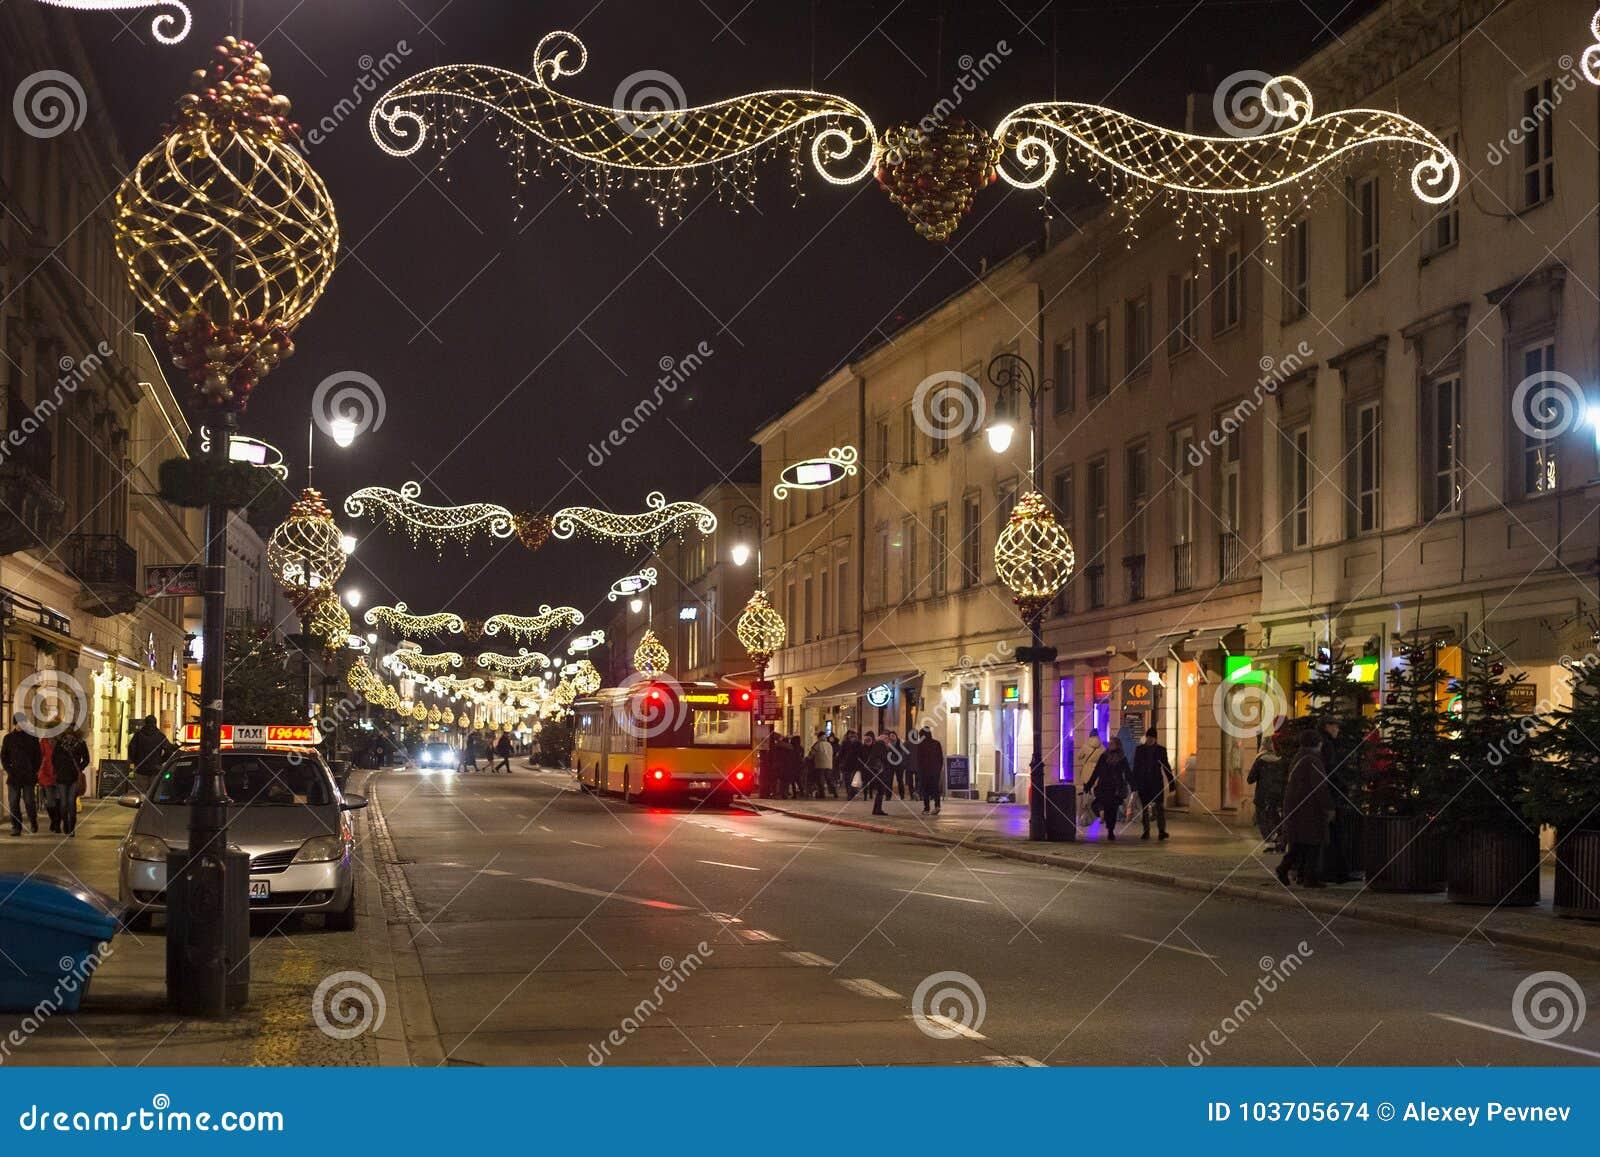 ΒΑΡΣΟΒΙΑ, ΠΟΛΩΝΙΑ - 2 ΙΑΝΟΥΑΡΊΟΥ 2016: Άποψη νύχτας της οδού Nowy Swiat στη διακόσμηση Χριστουγέννων